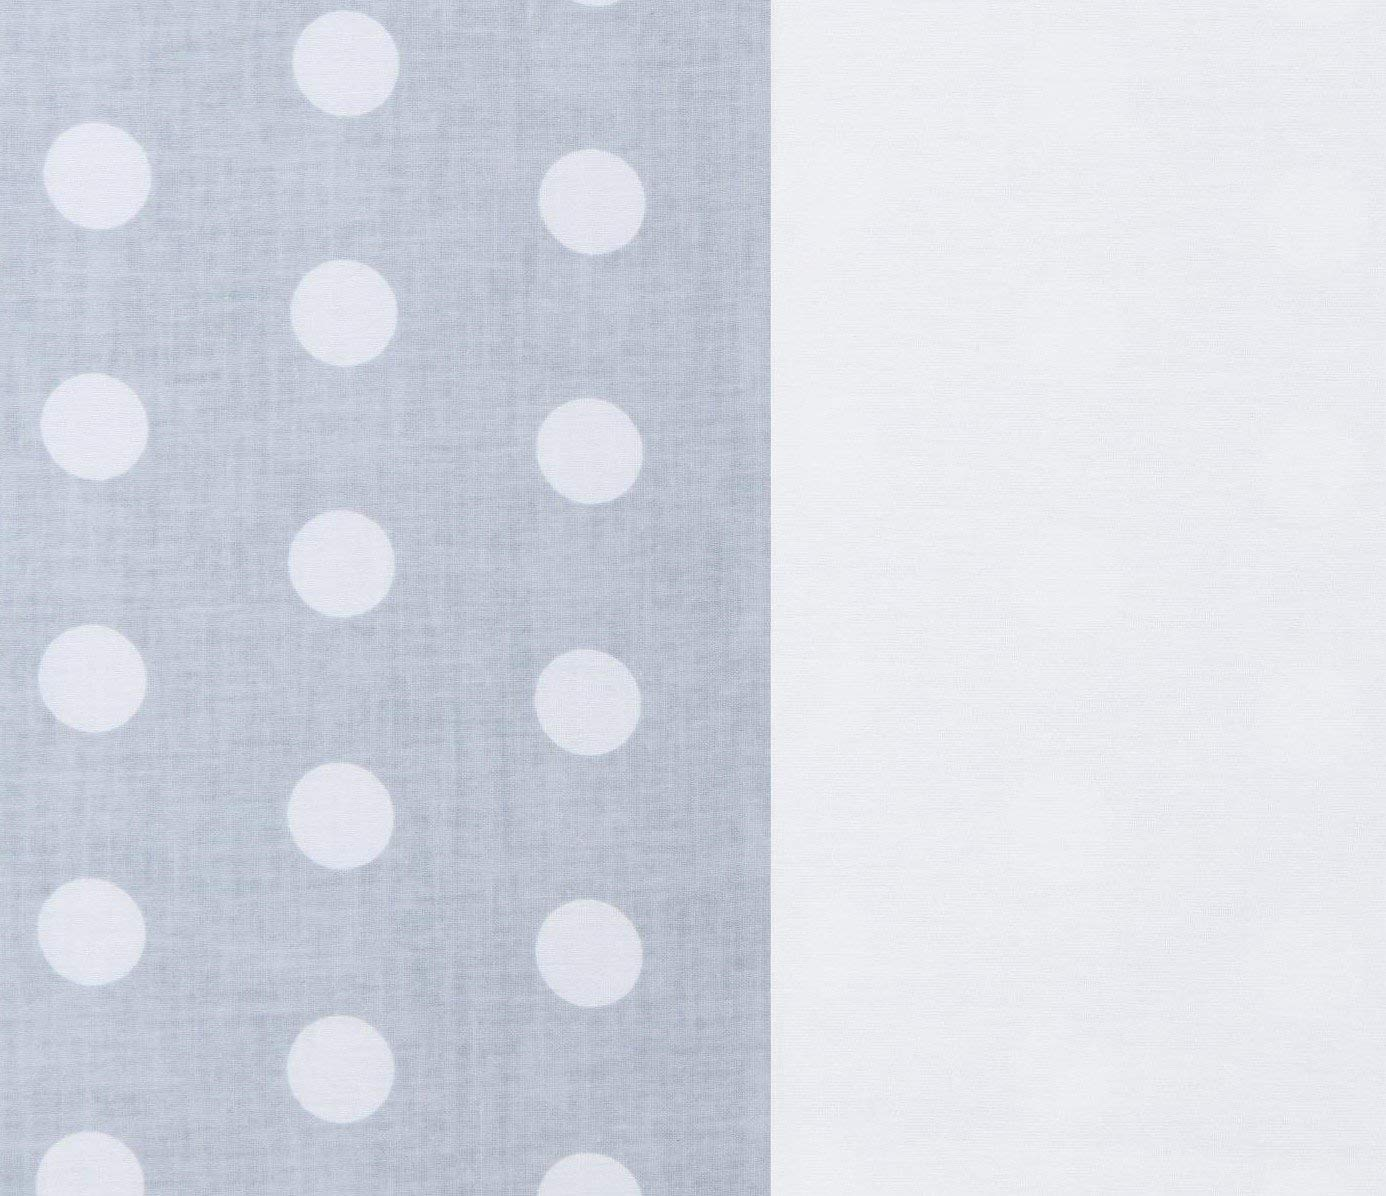 Vizaro – Arrullo – Manta – Mantita Envolvente – Acolchado – Muy Suave – Algodón Puro – Hecho UE, OekoTex – Lunares